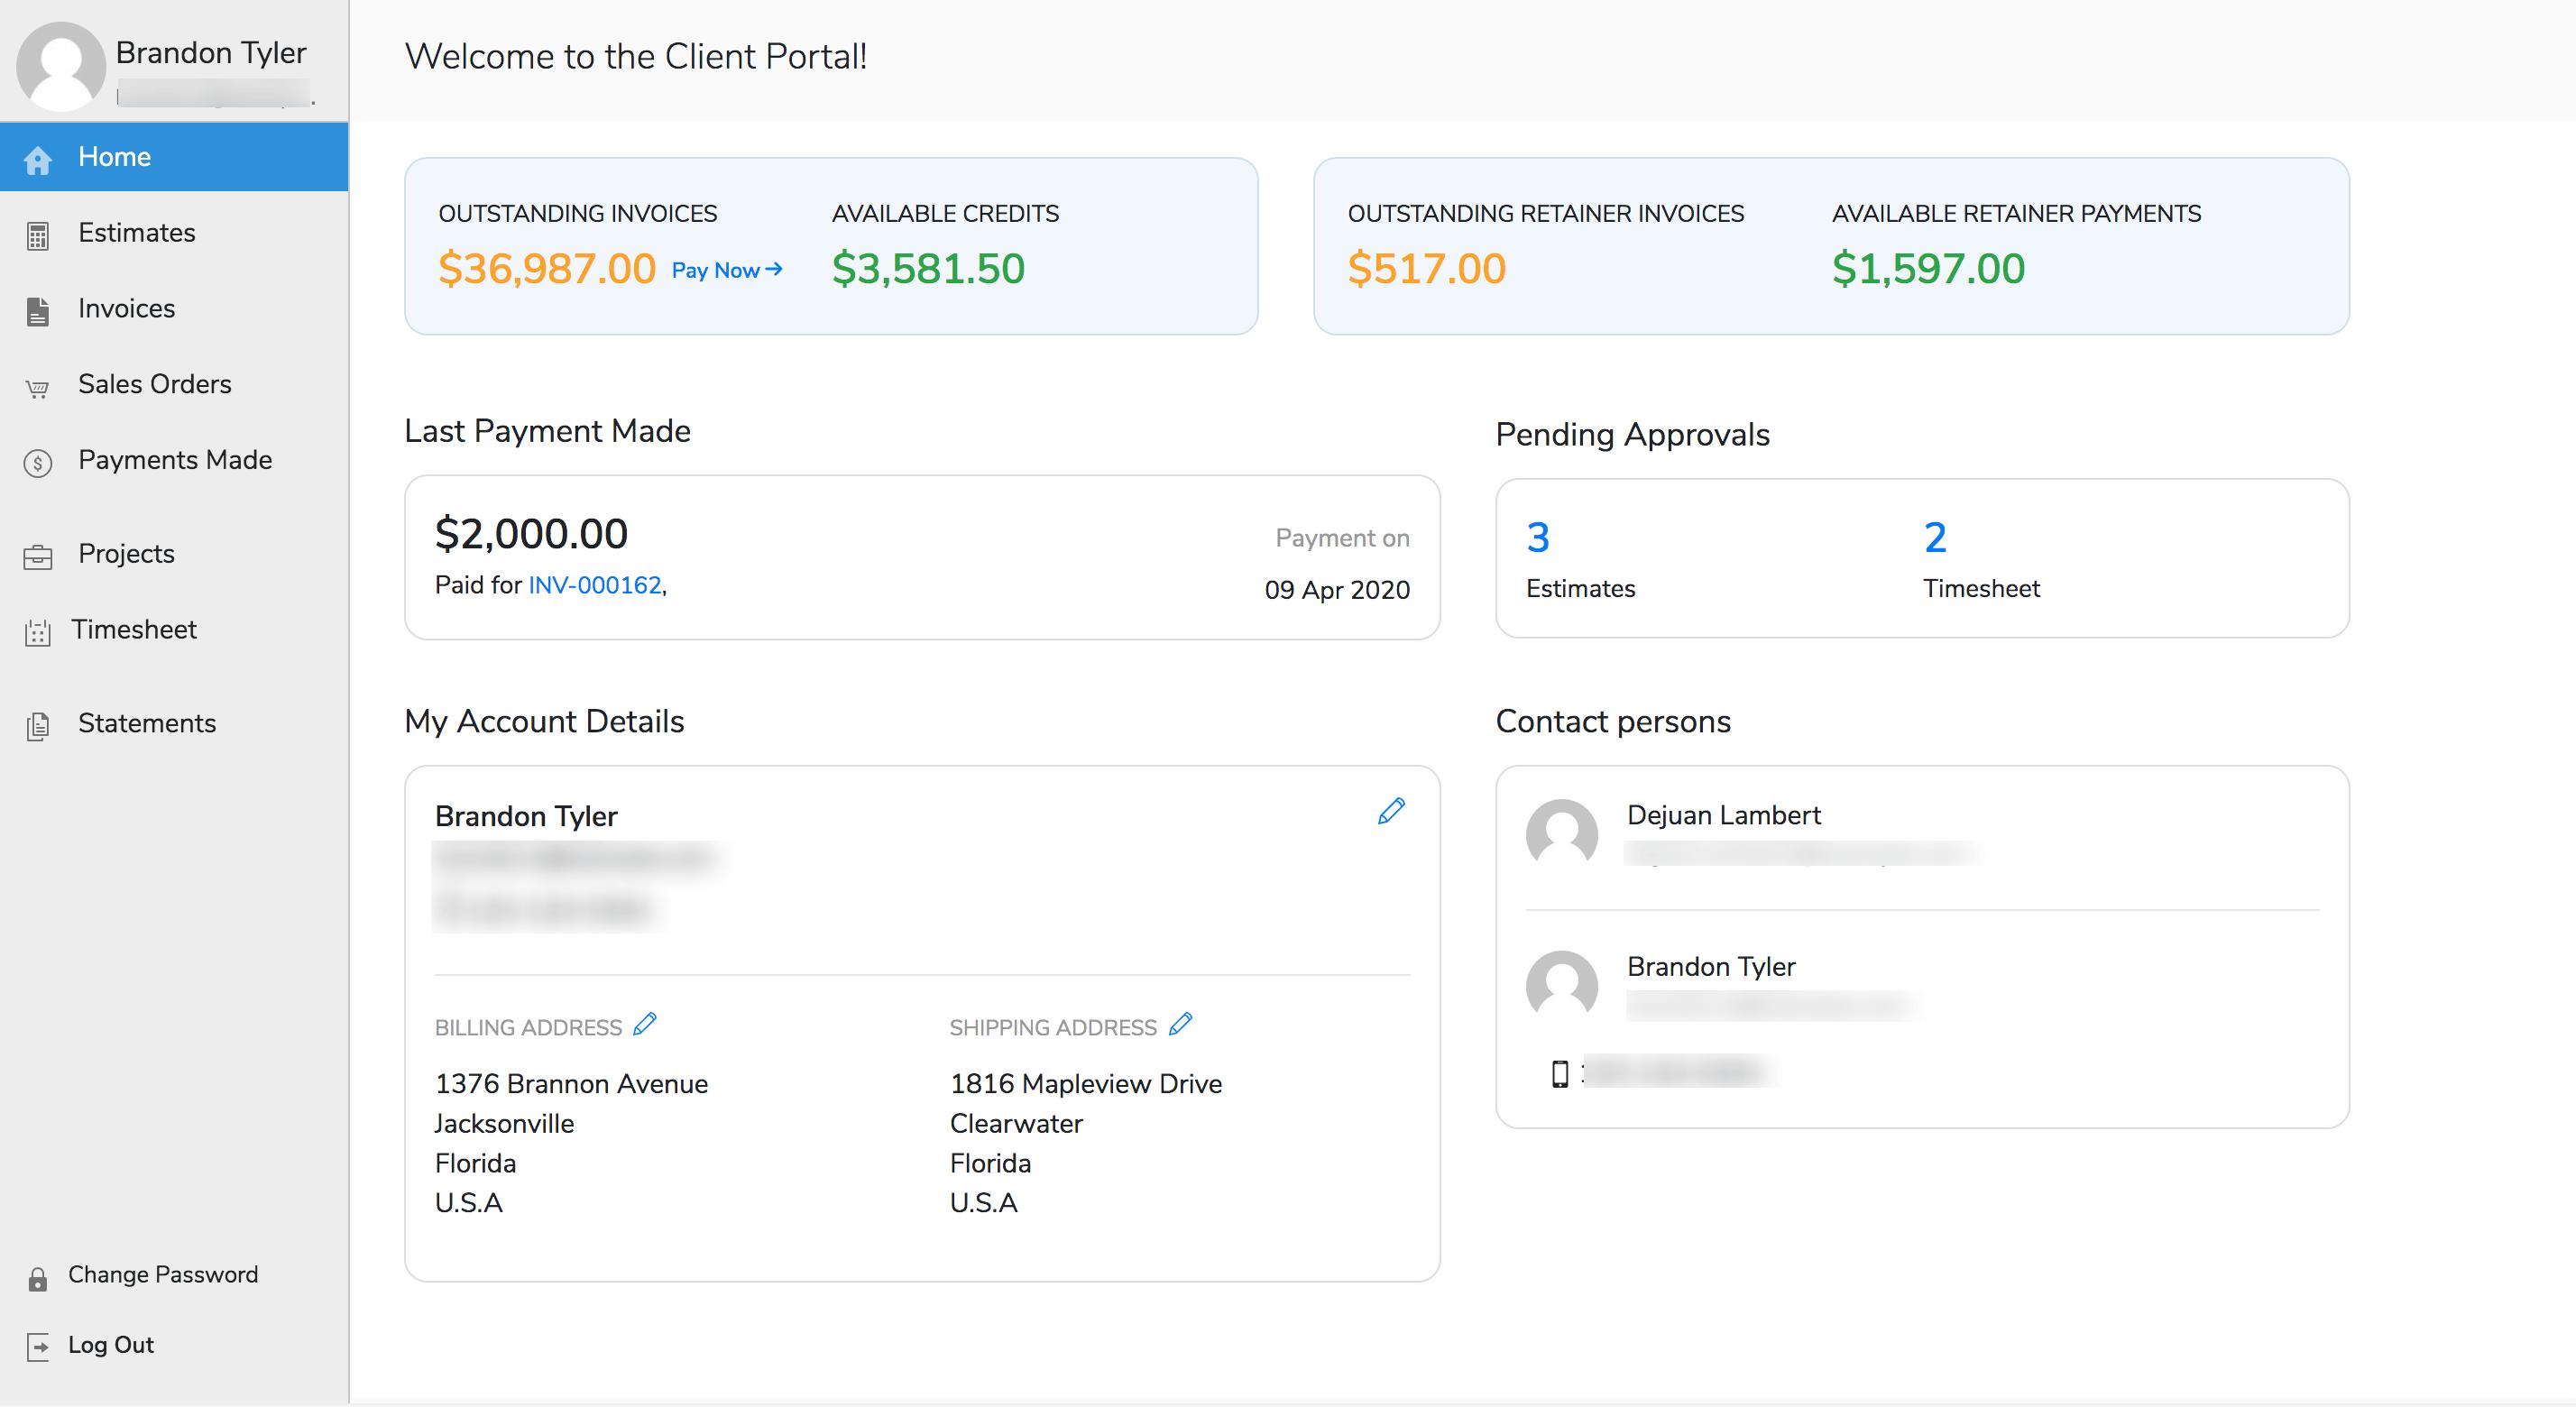 Client Portal Home